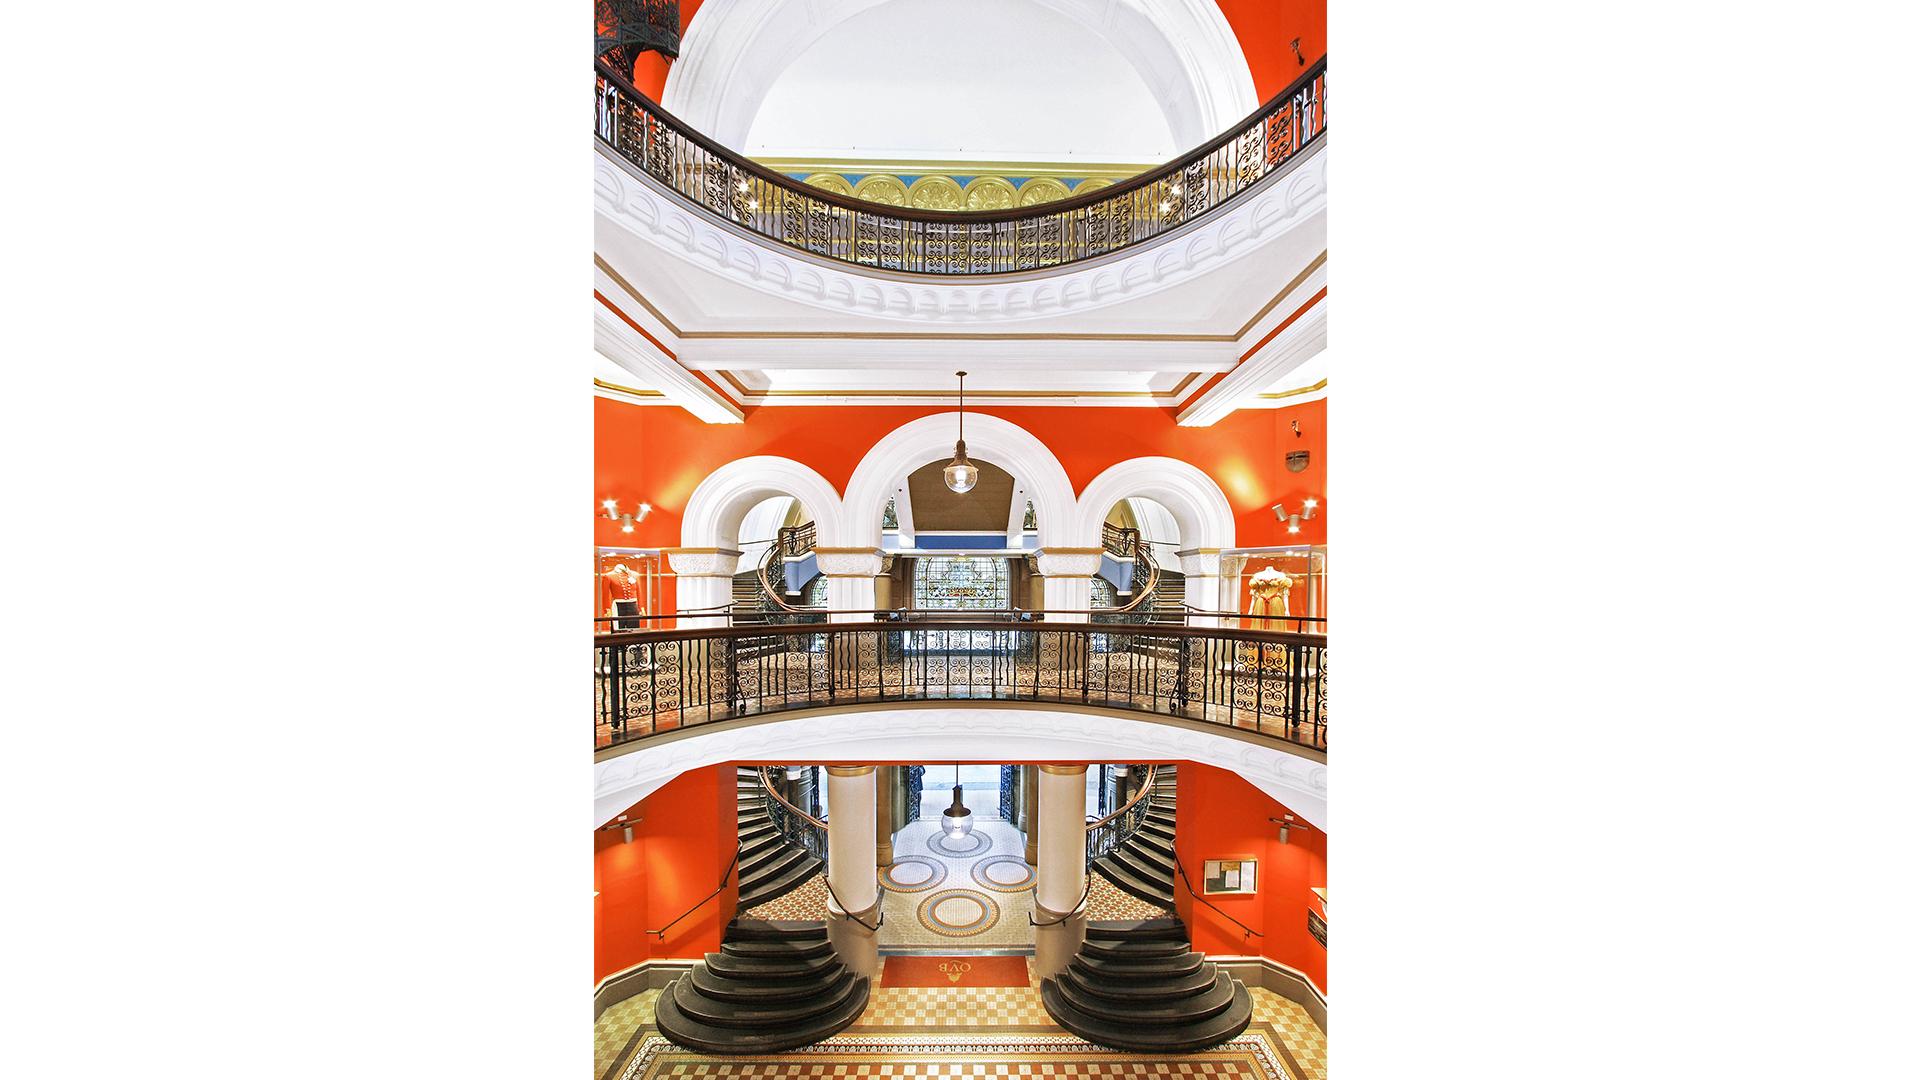 Queen Victoria Building Redevelopment balcony